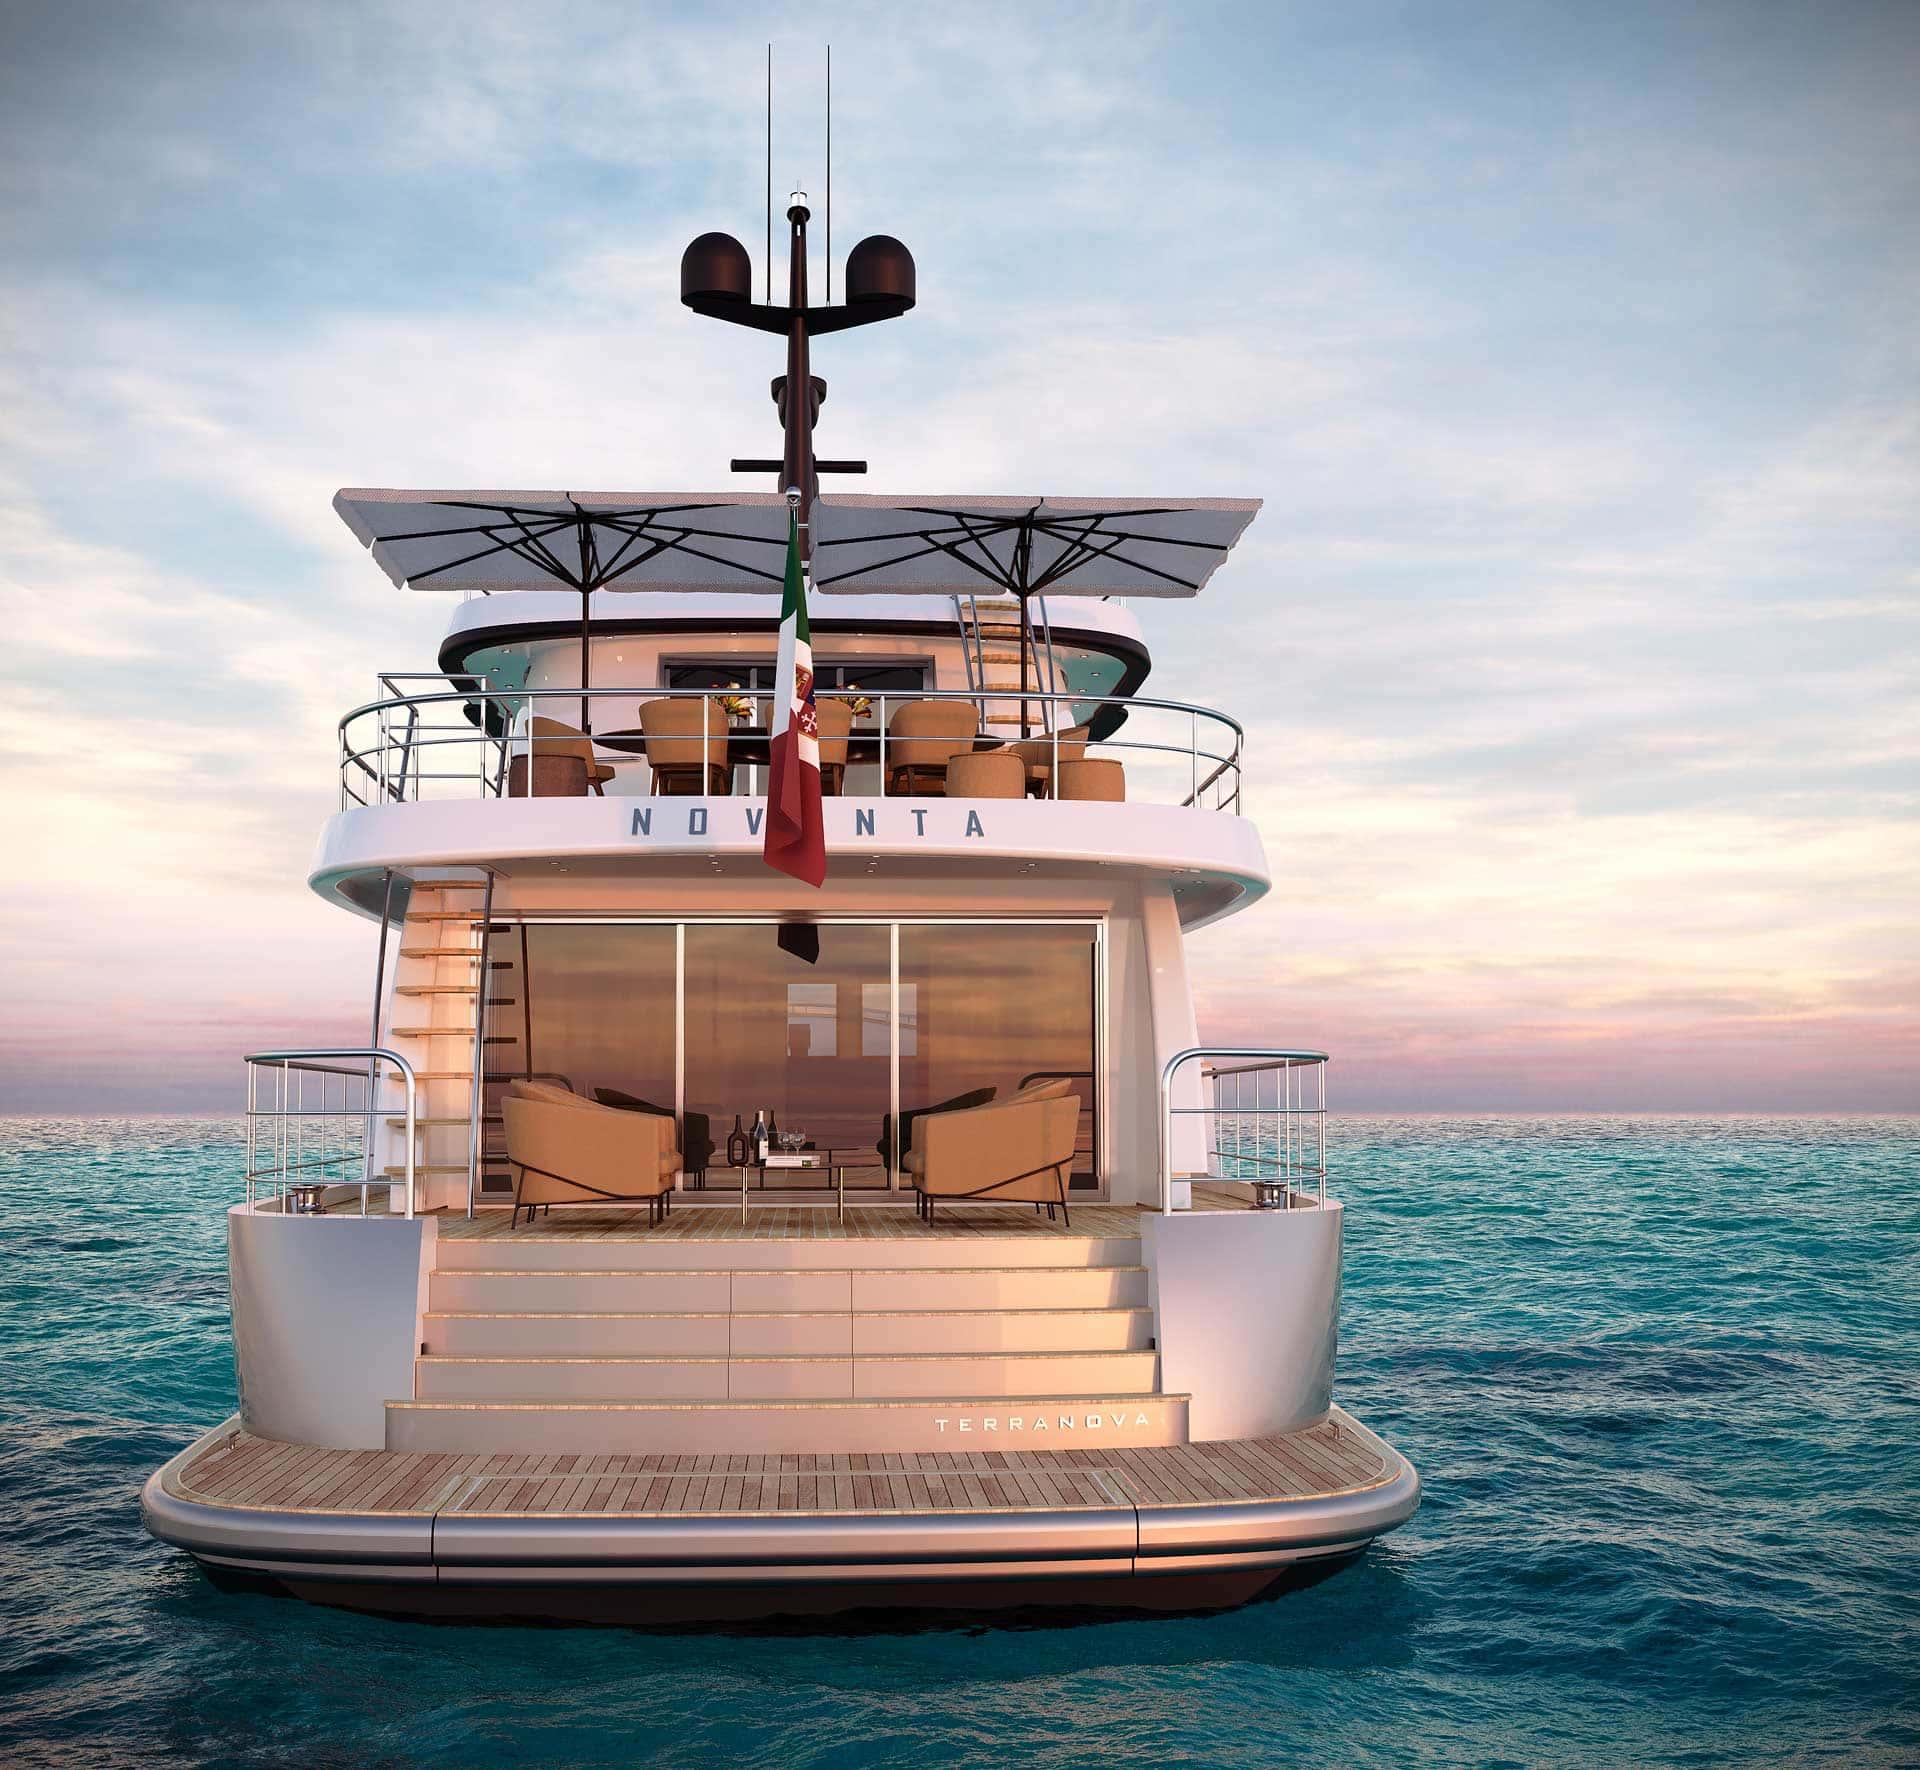 Vista posteriore Yacht terranova T90 al tramonto